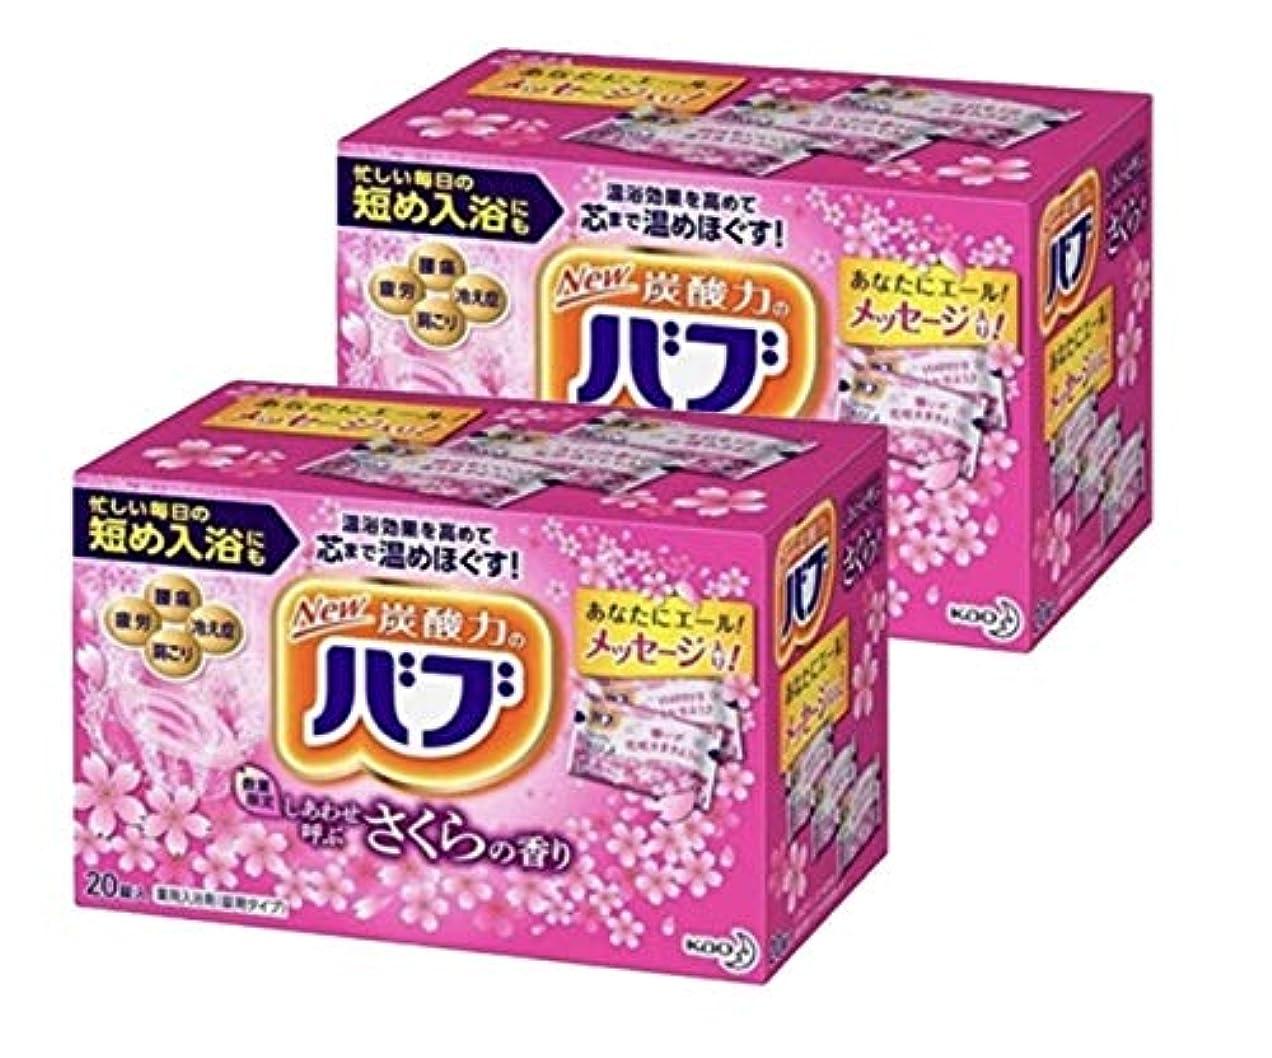 収益会話型クローゼット【まとめ買い】バブ 薬用入浴剤 しあわせ呼ぶ さくらの香り 20錠入り×2